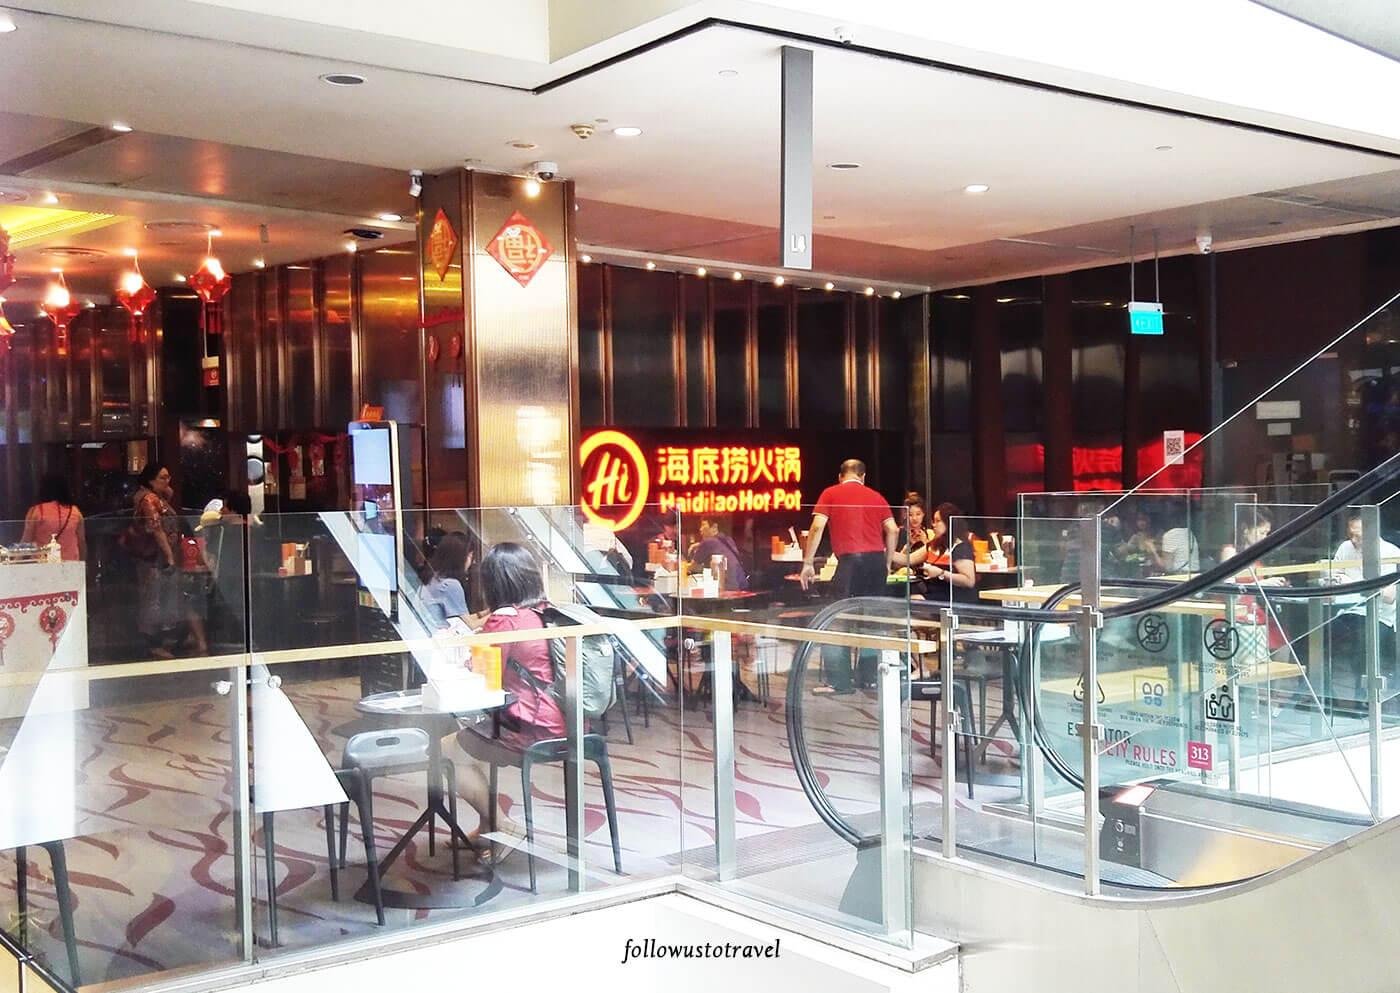 新加坡海底捞火锅新加坡海底捞价钱